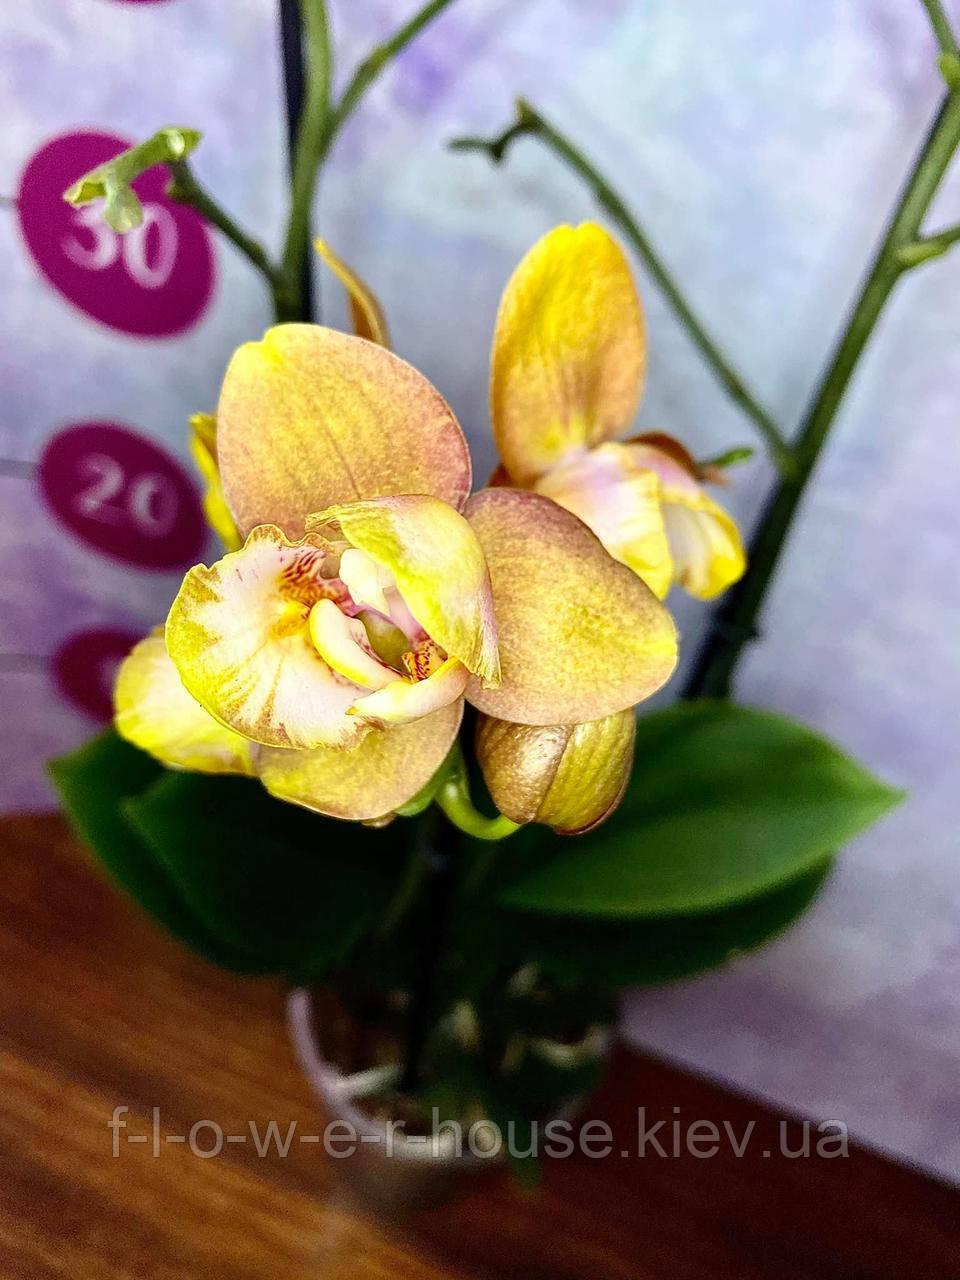 Орхидея Лас вегас пелор